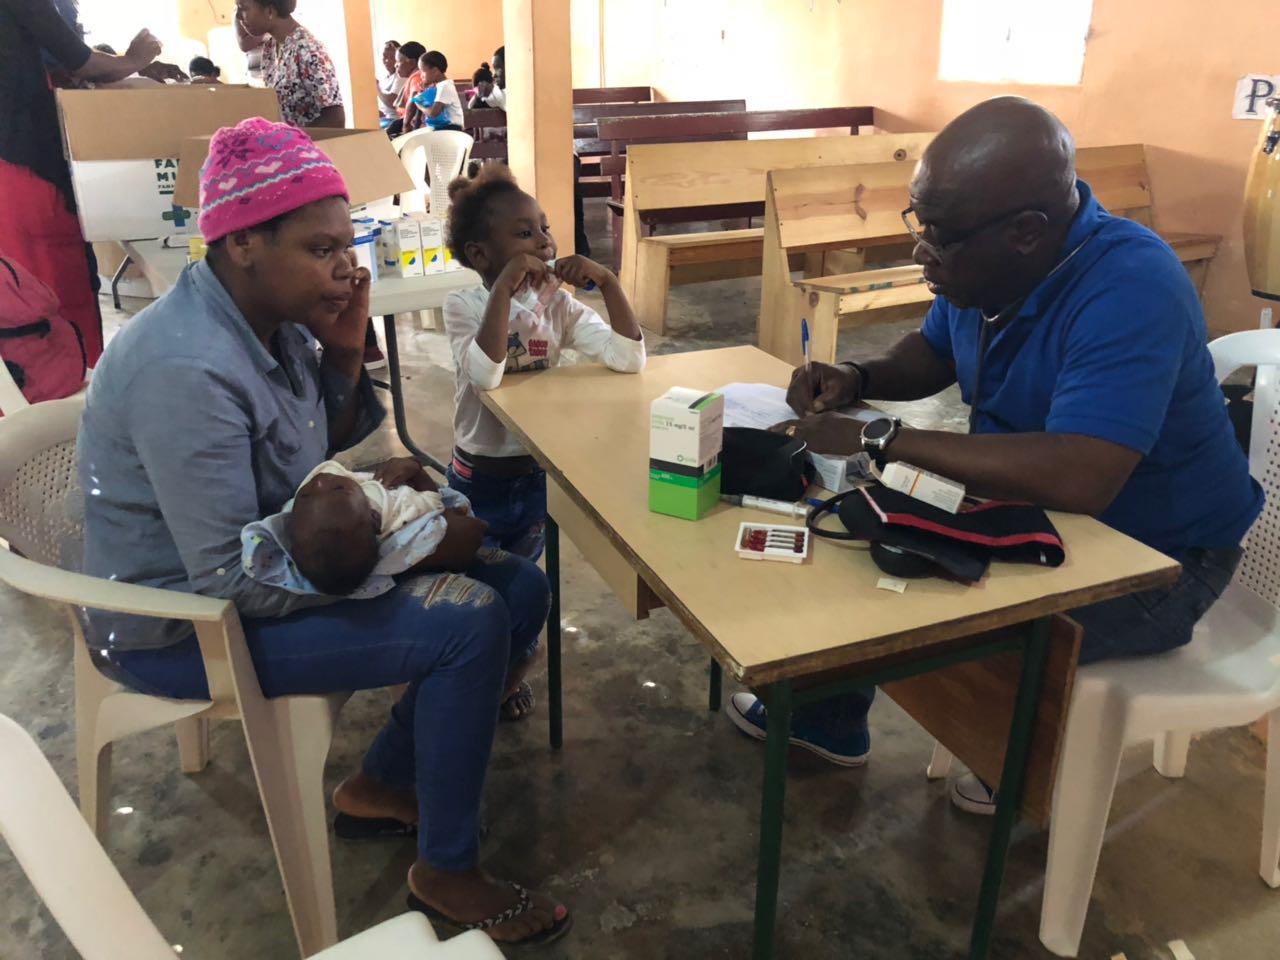 Priorizamos en 2018 la atención sanitaria de emergencia a menores y mujeres refugiadas en Siria, Uganda, Kenia y RD Congo